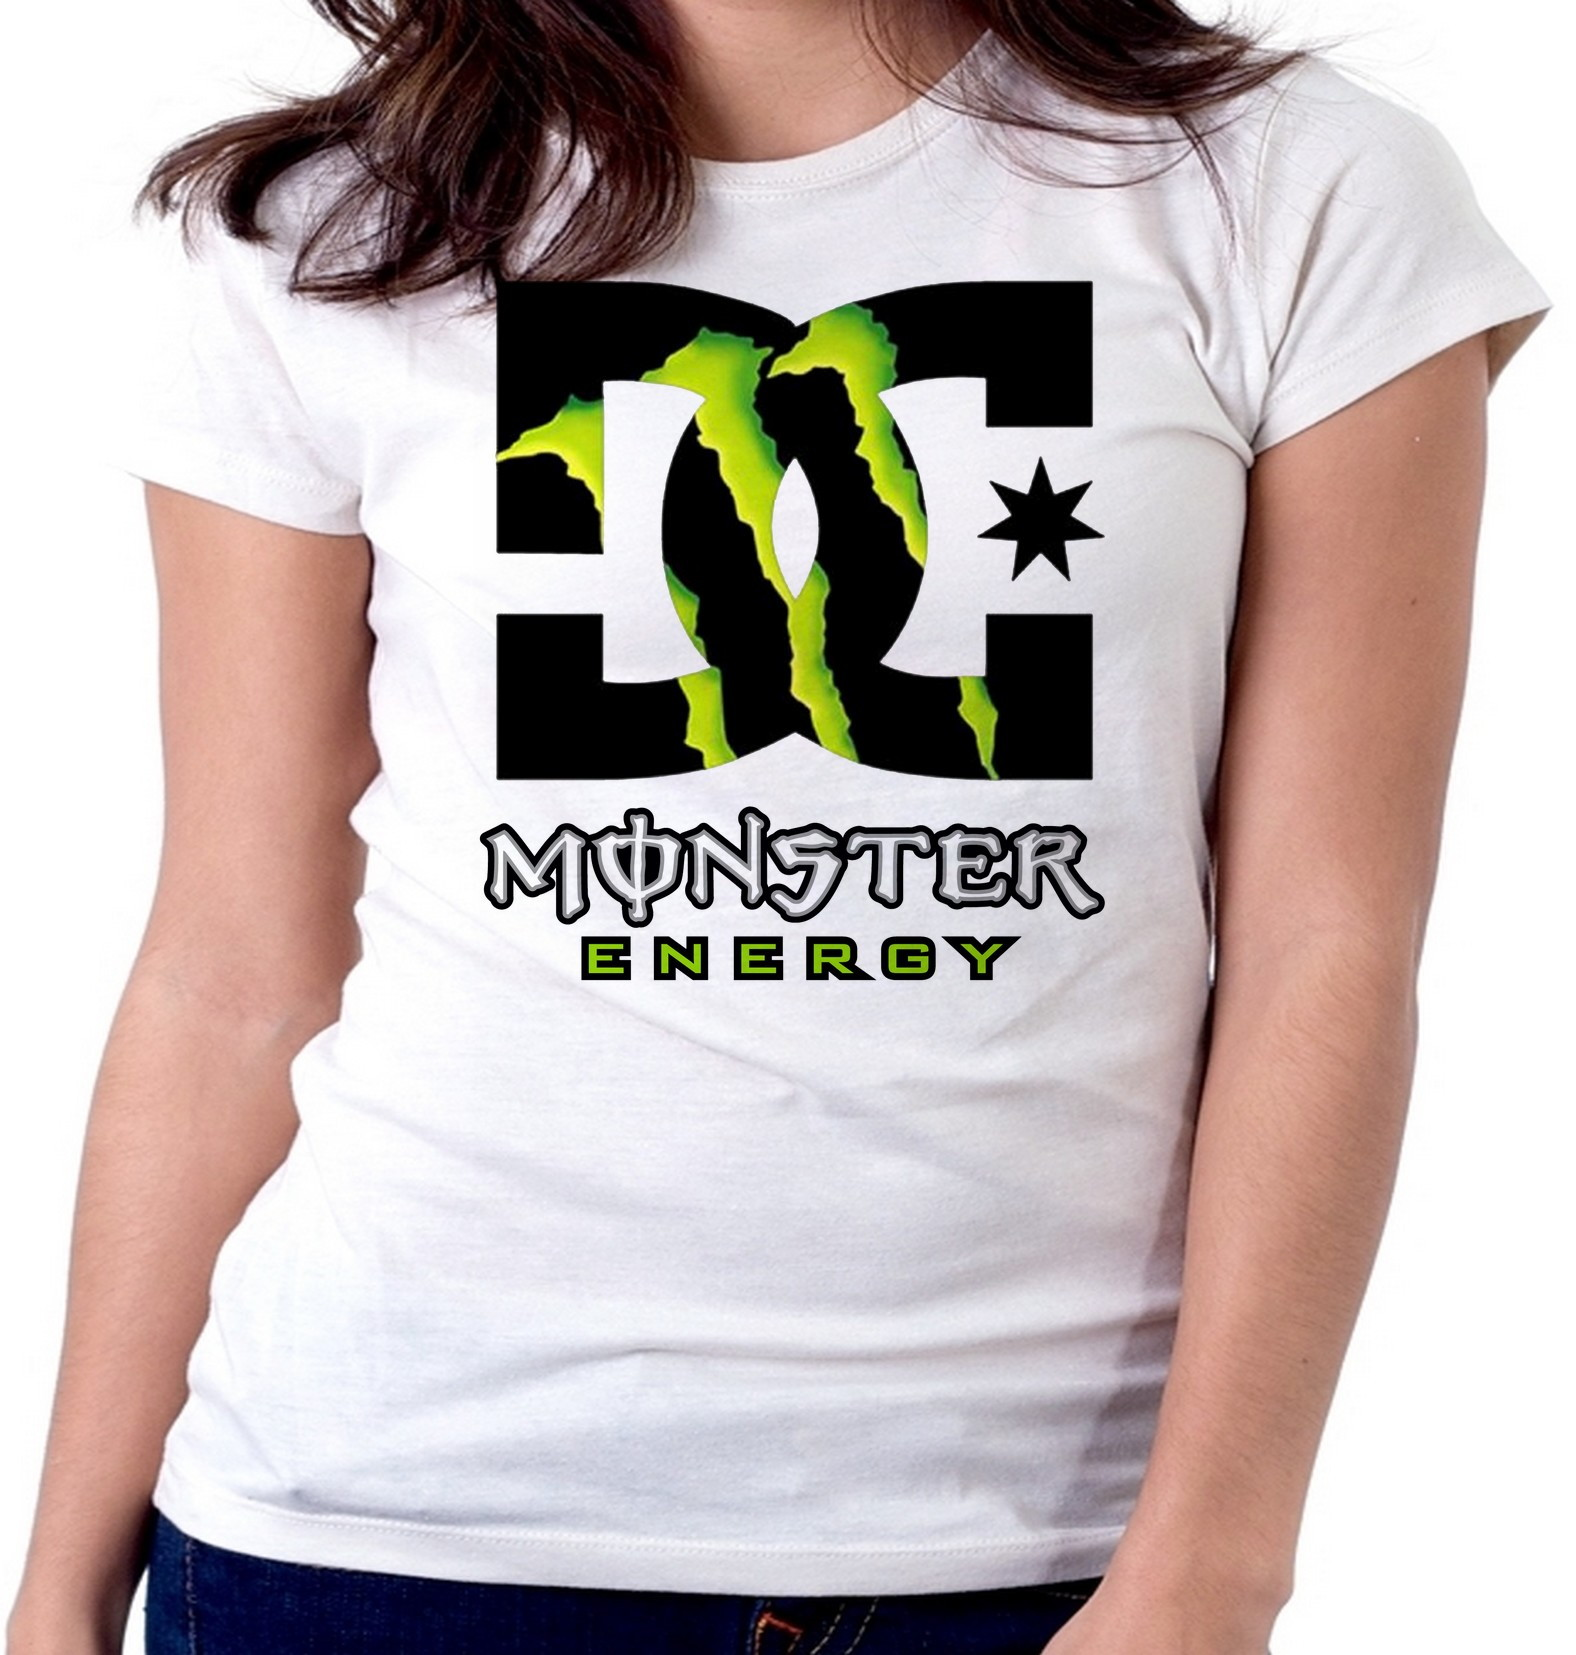 9dd51fba09ca6 Blusa Feminina Ahs Monster